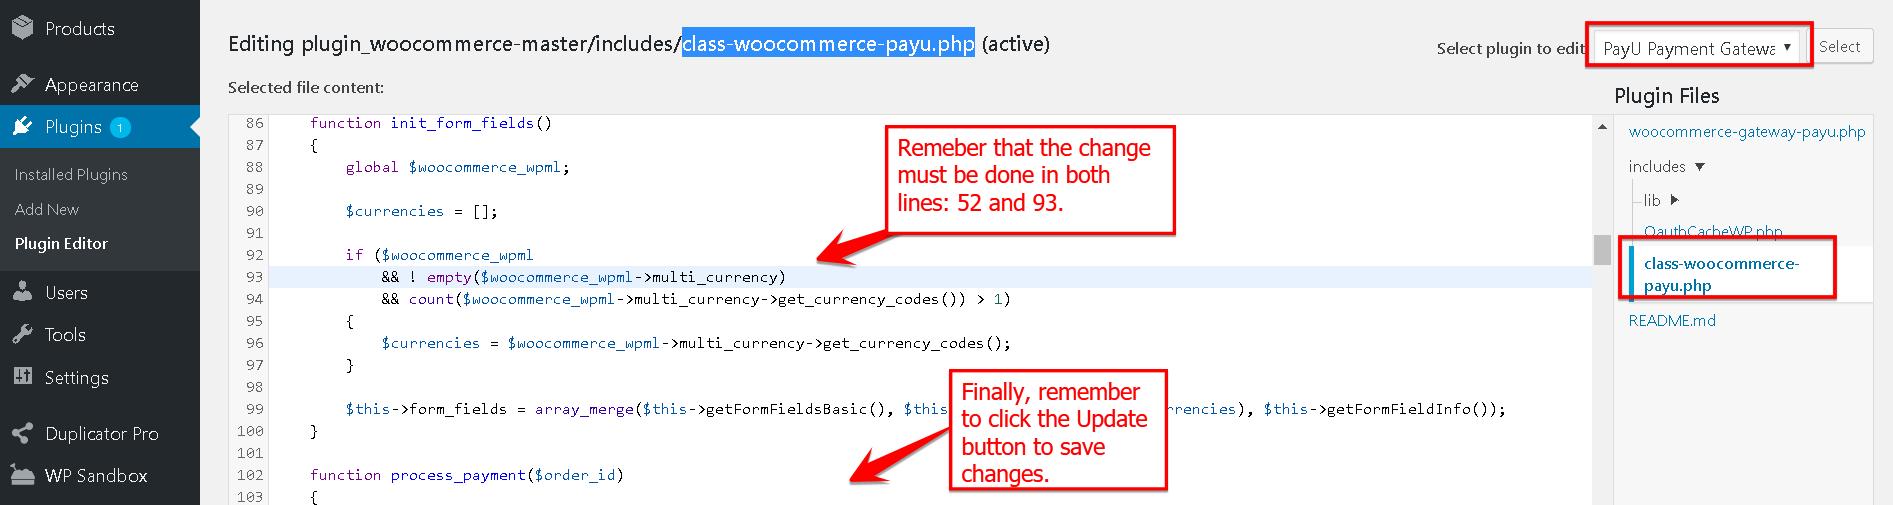 edit-plugin-payU.png